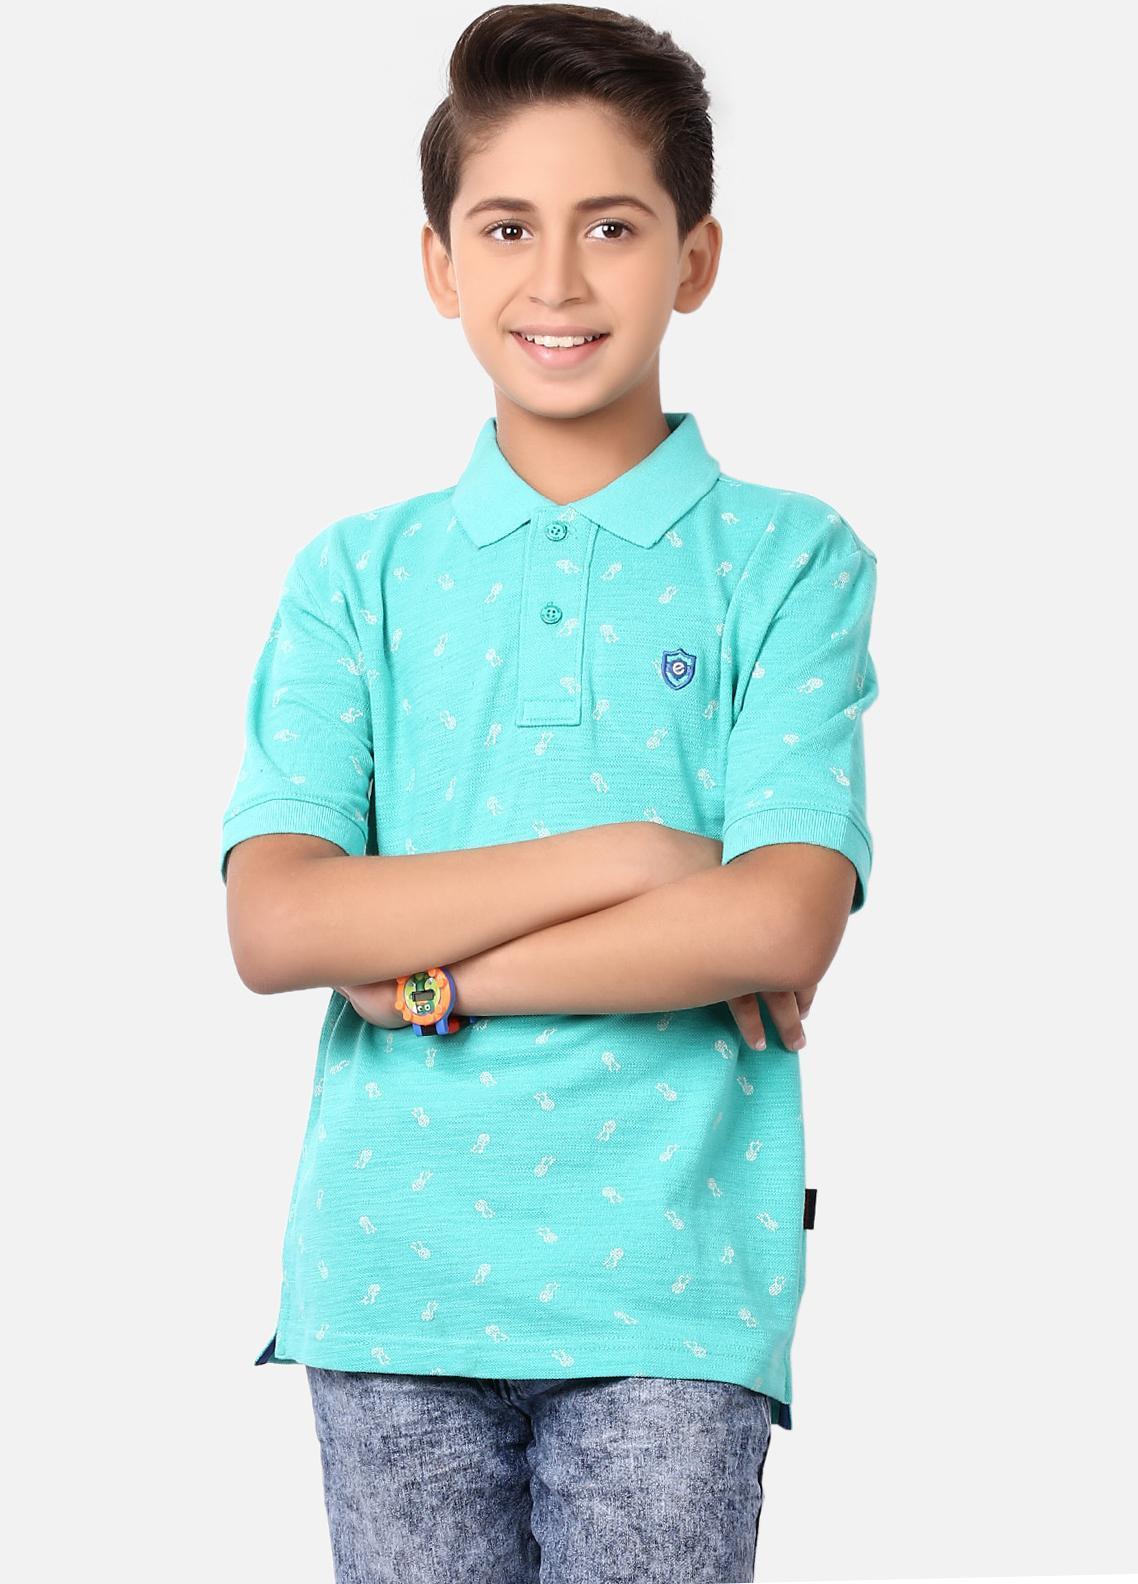 Edenrobe Cotton Polo Shirts for Boys - Sea Green EBTPS19-016